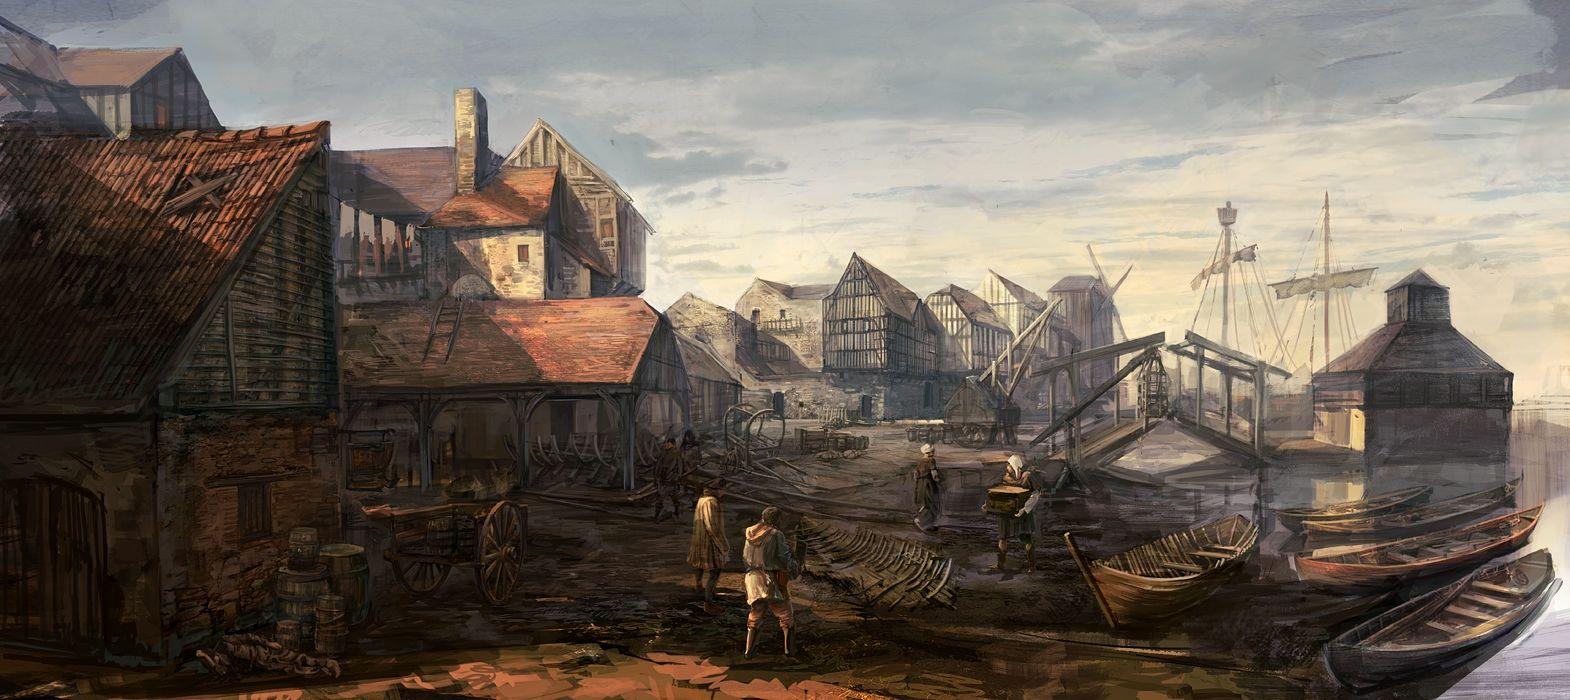 medieval city concept art - Pesquisa Google | Landscape ...